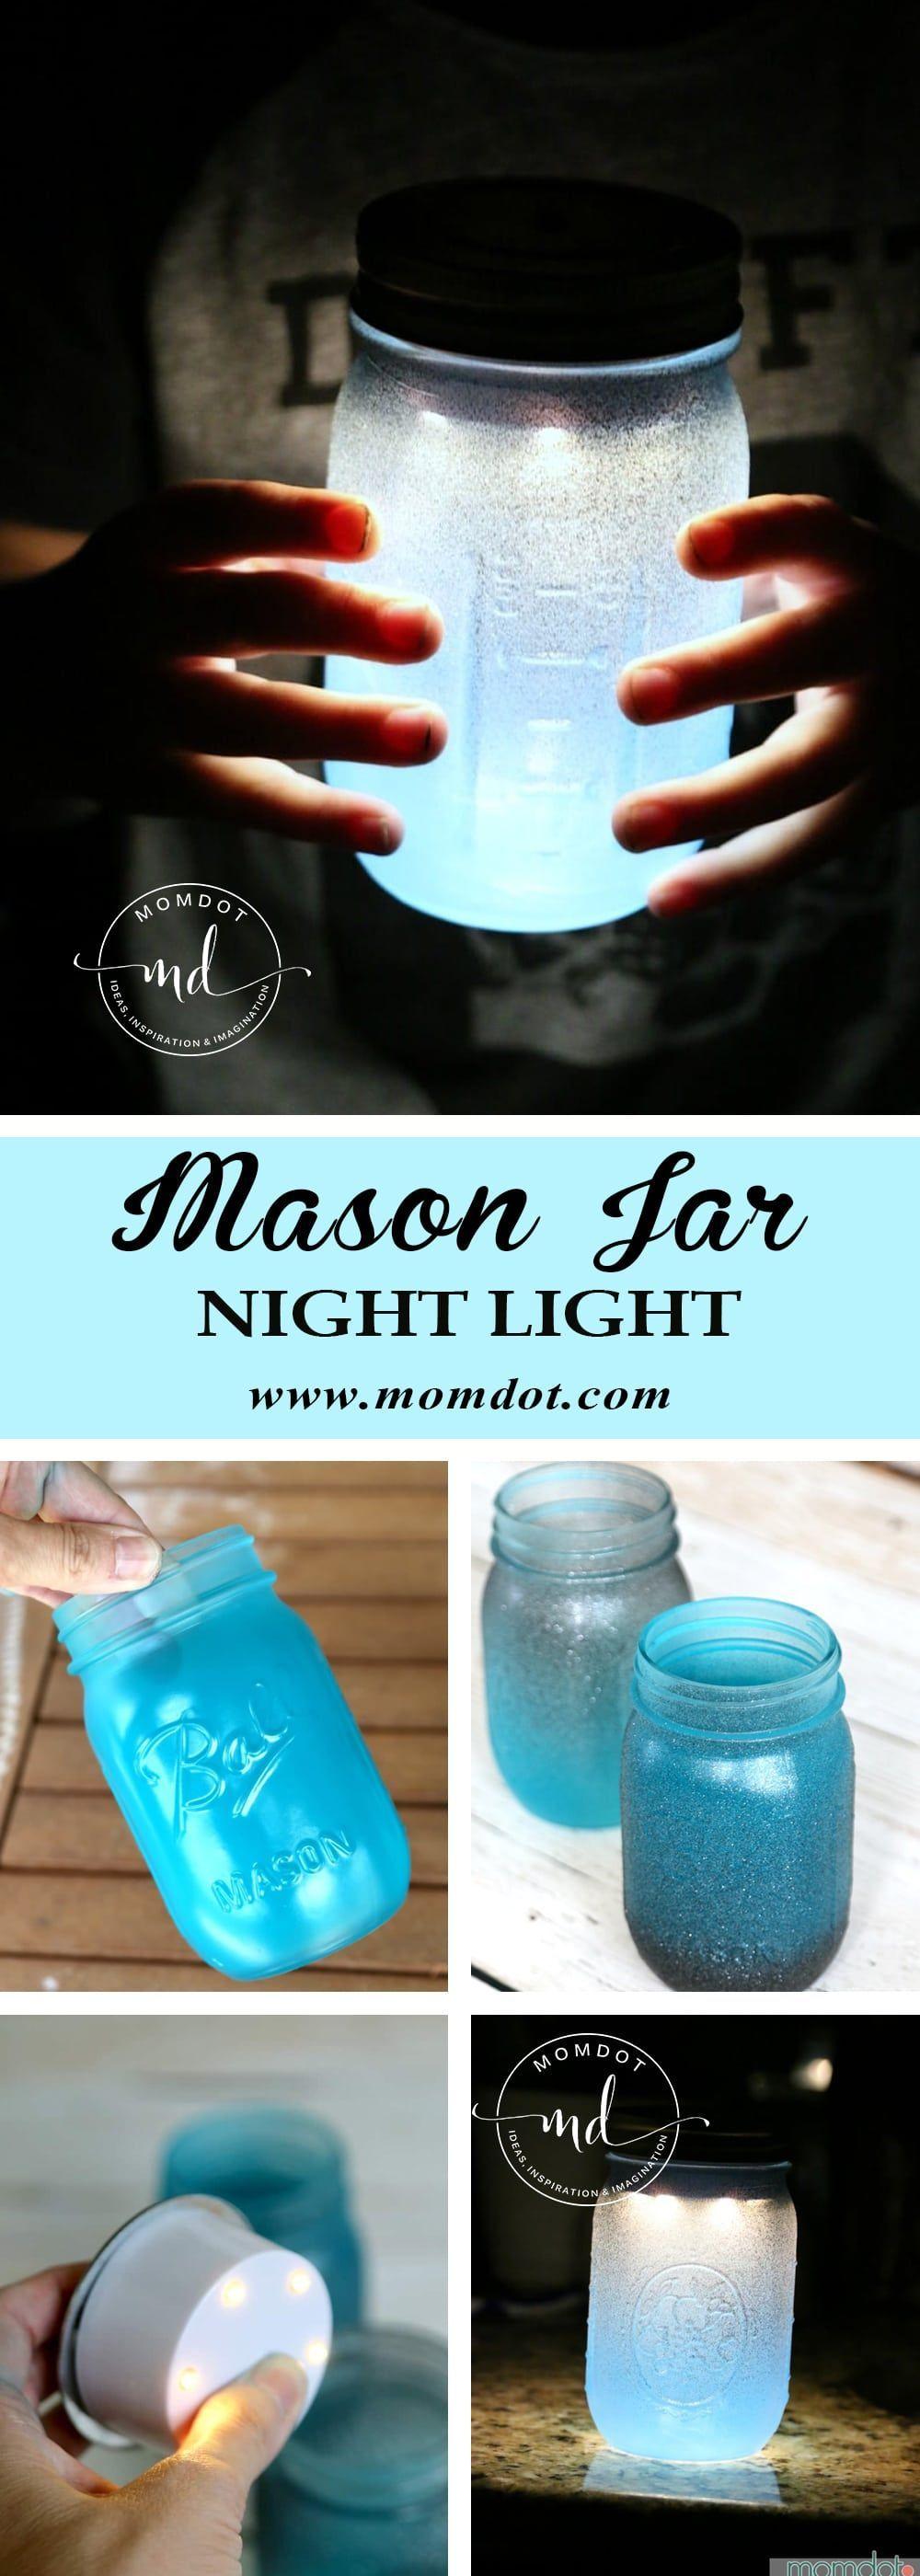 Mason Jar Night Light DIY -